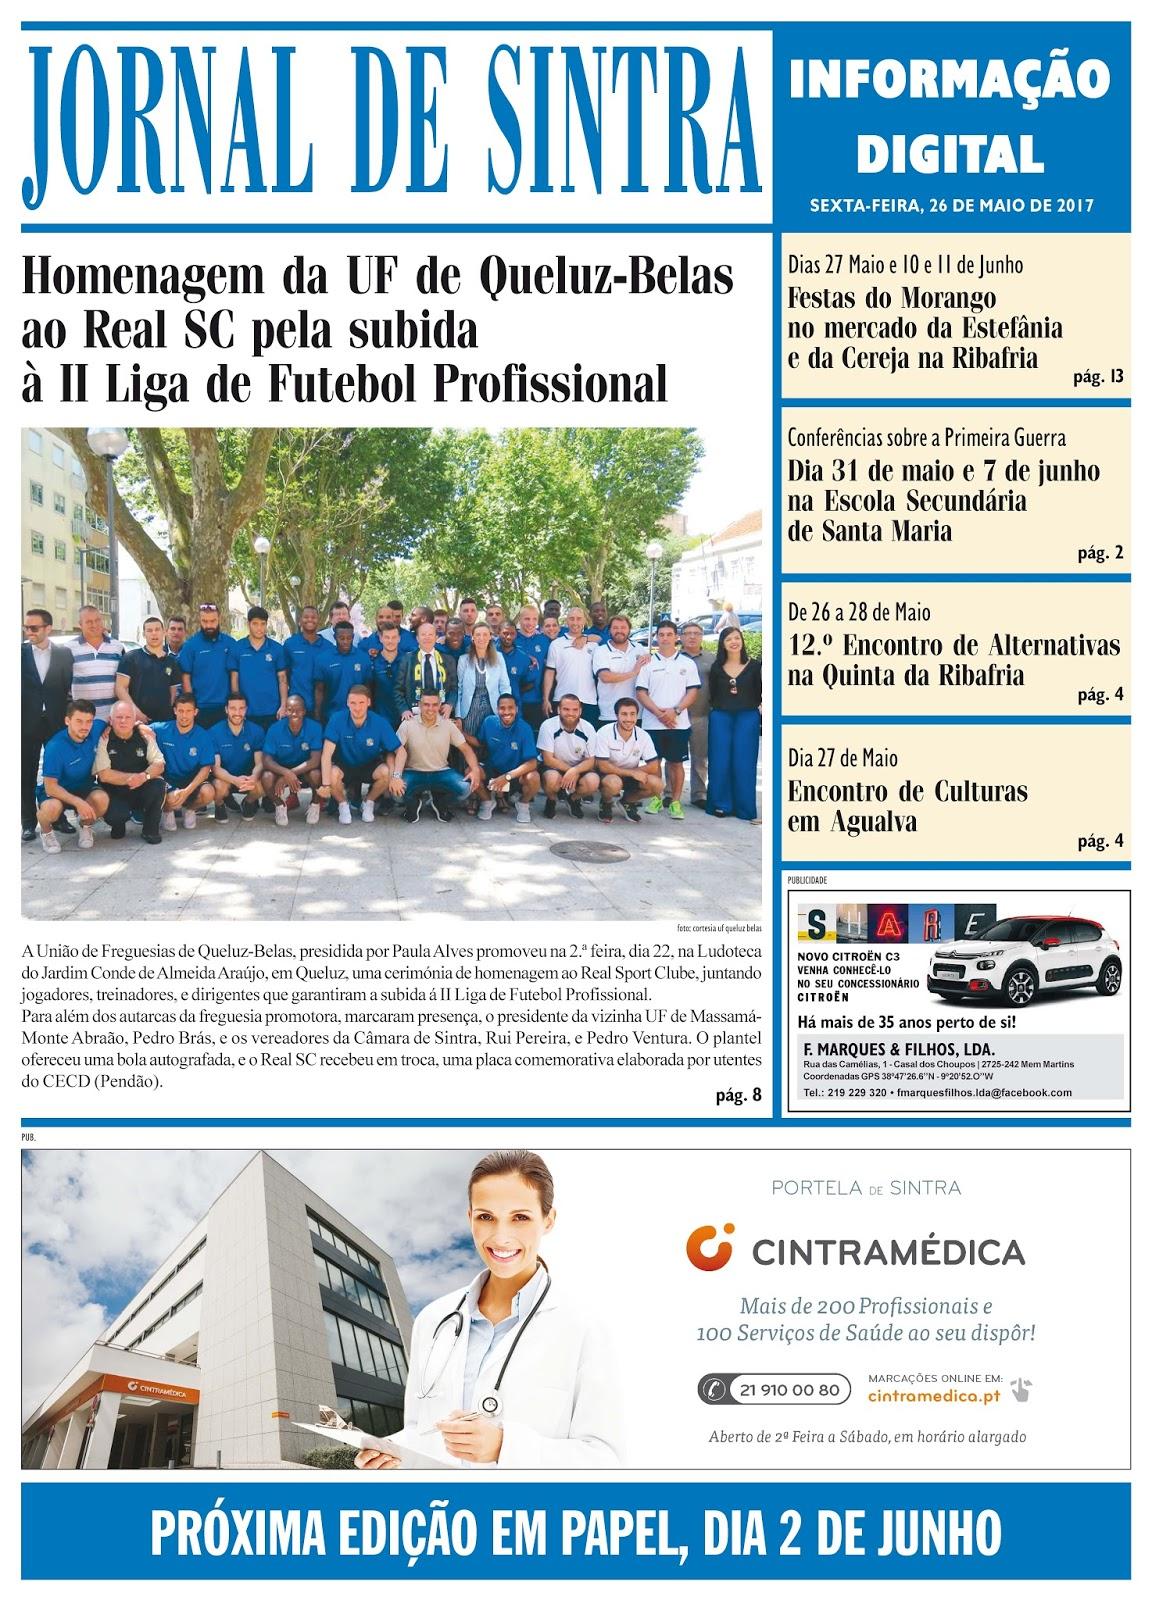 Capa da edição de 26-05-2017